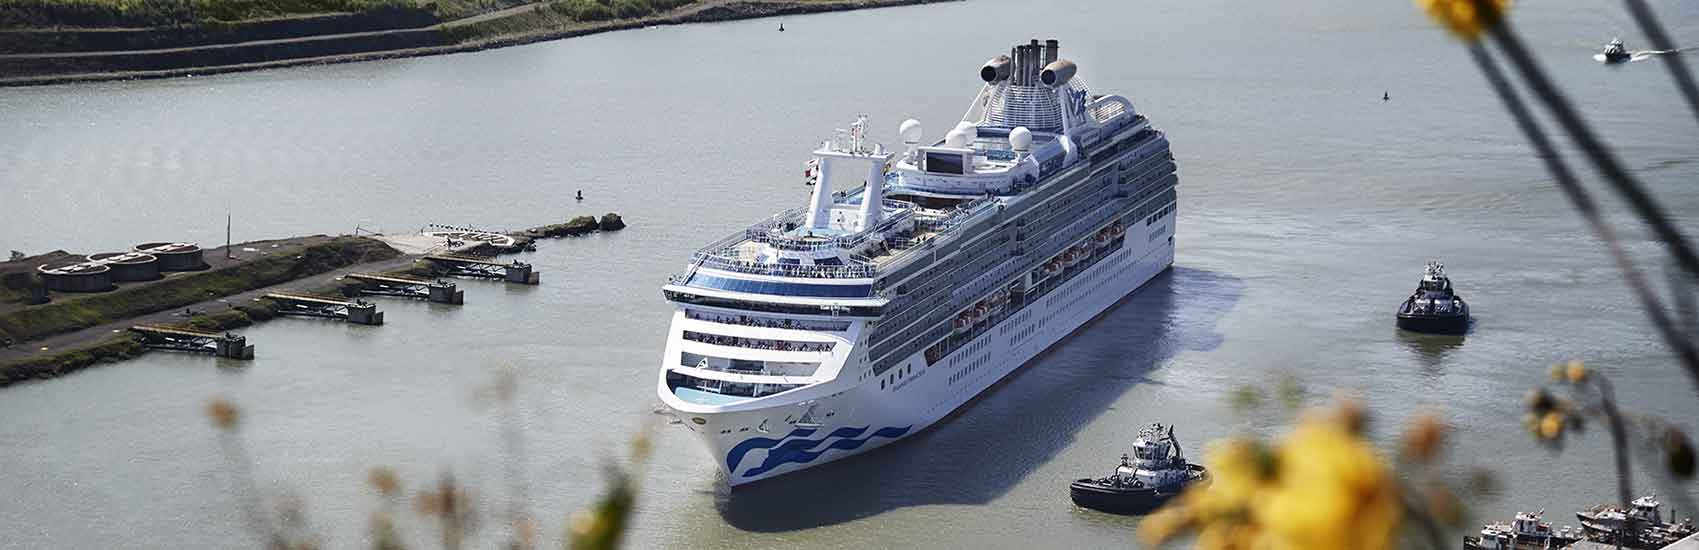 Princess Cruises 2023 World Cruise 5